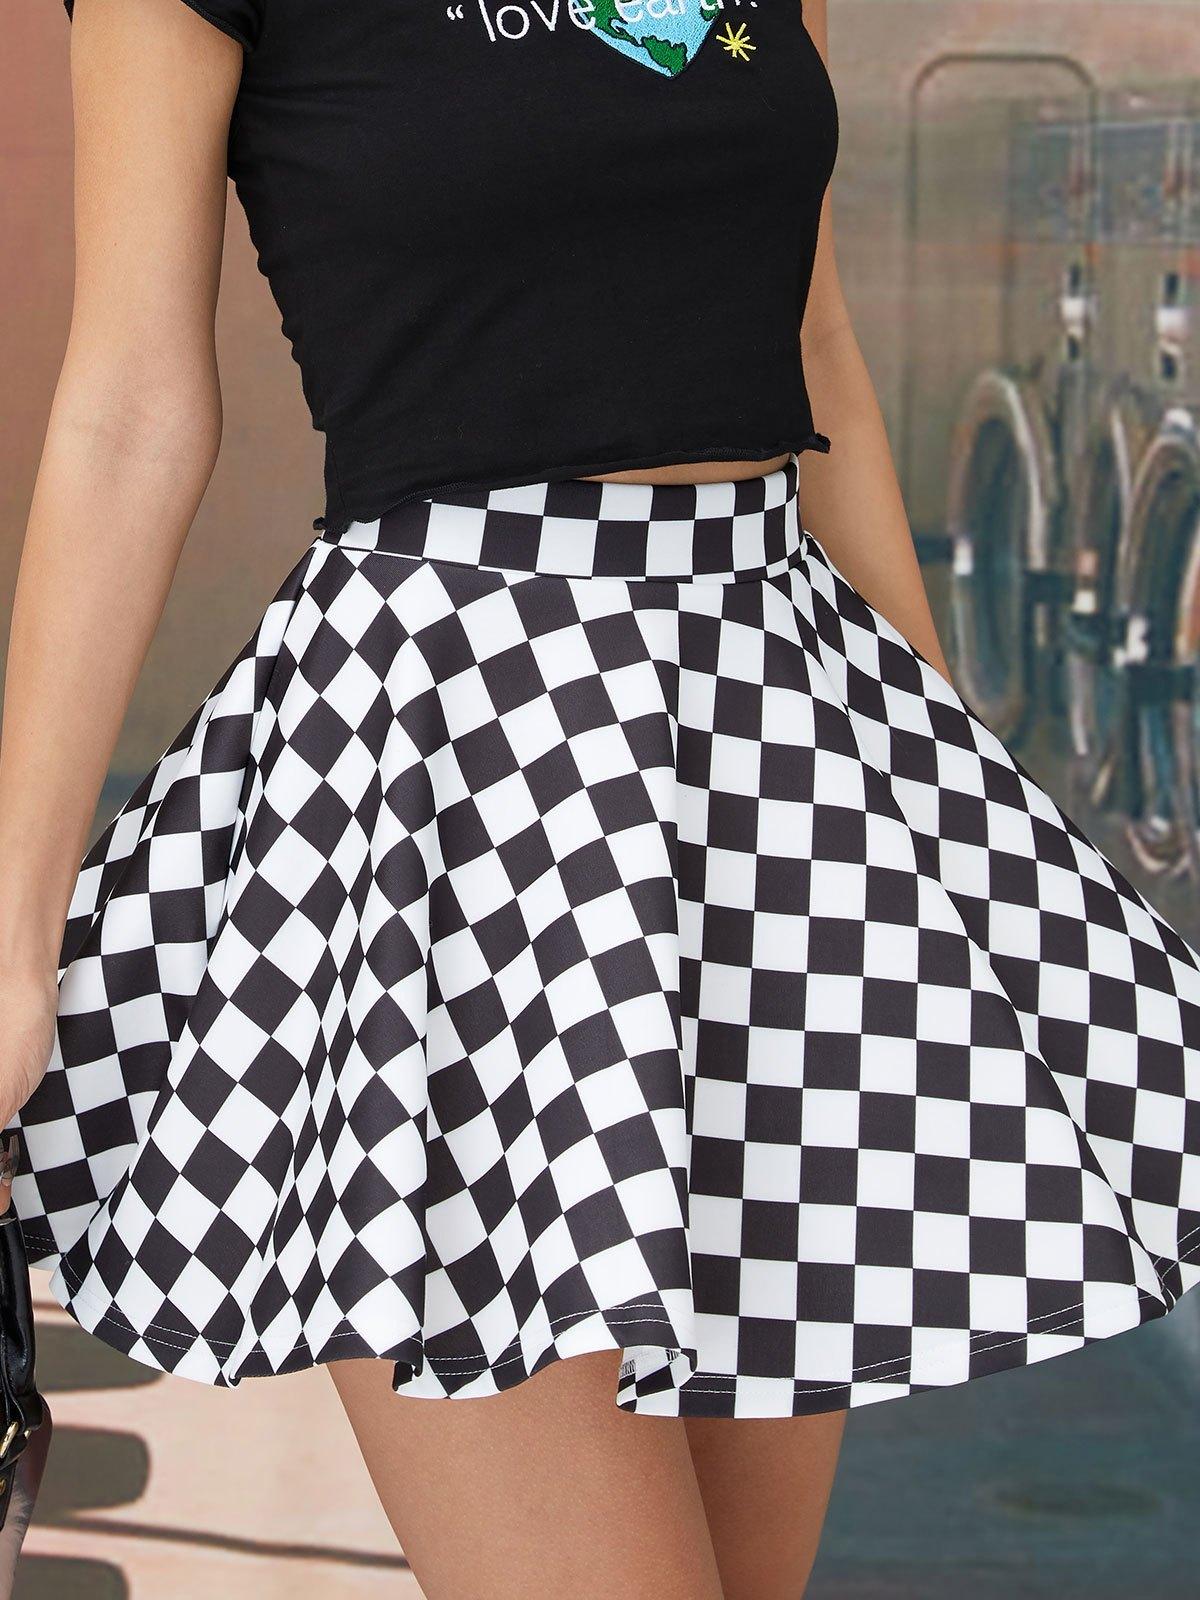 Checkered Print Skate Mini Skirt - Black L